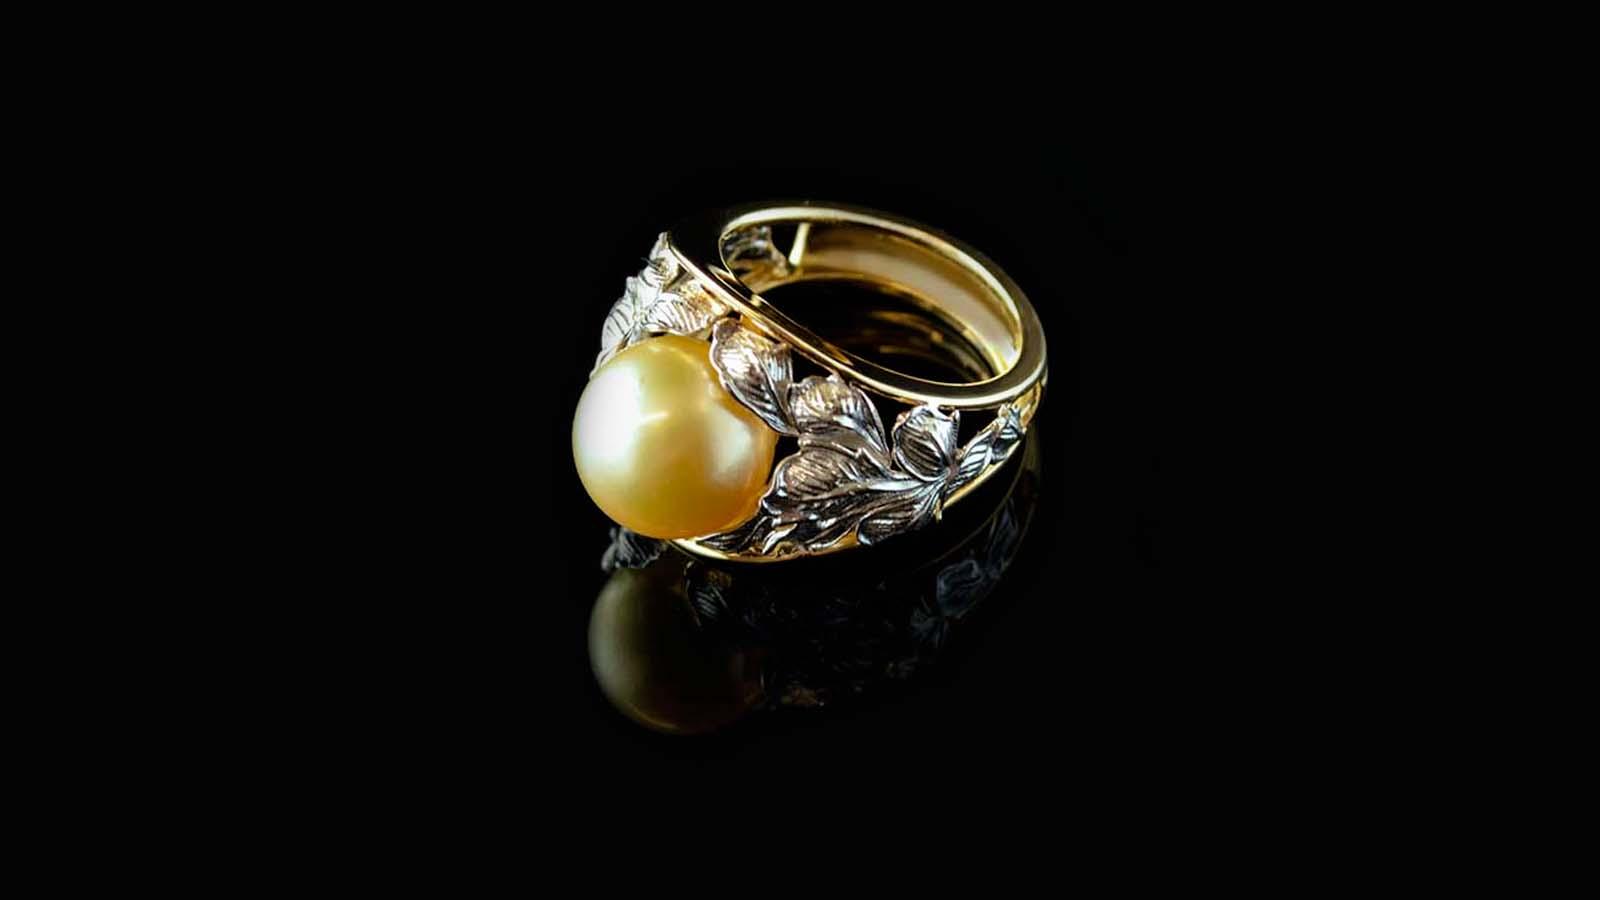 Gioielli artigianali in argento e bronzo orafo a roma for Siti cinesi gioielli